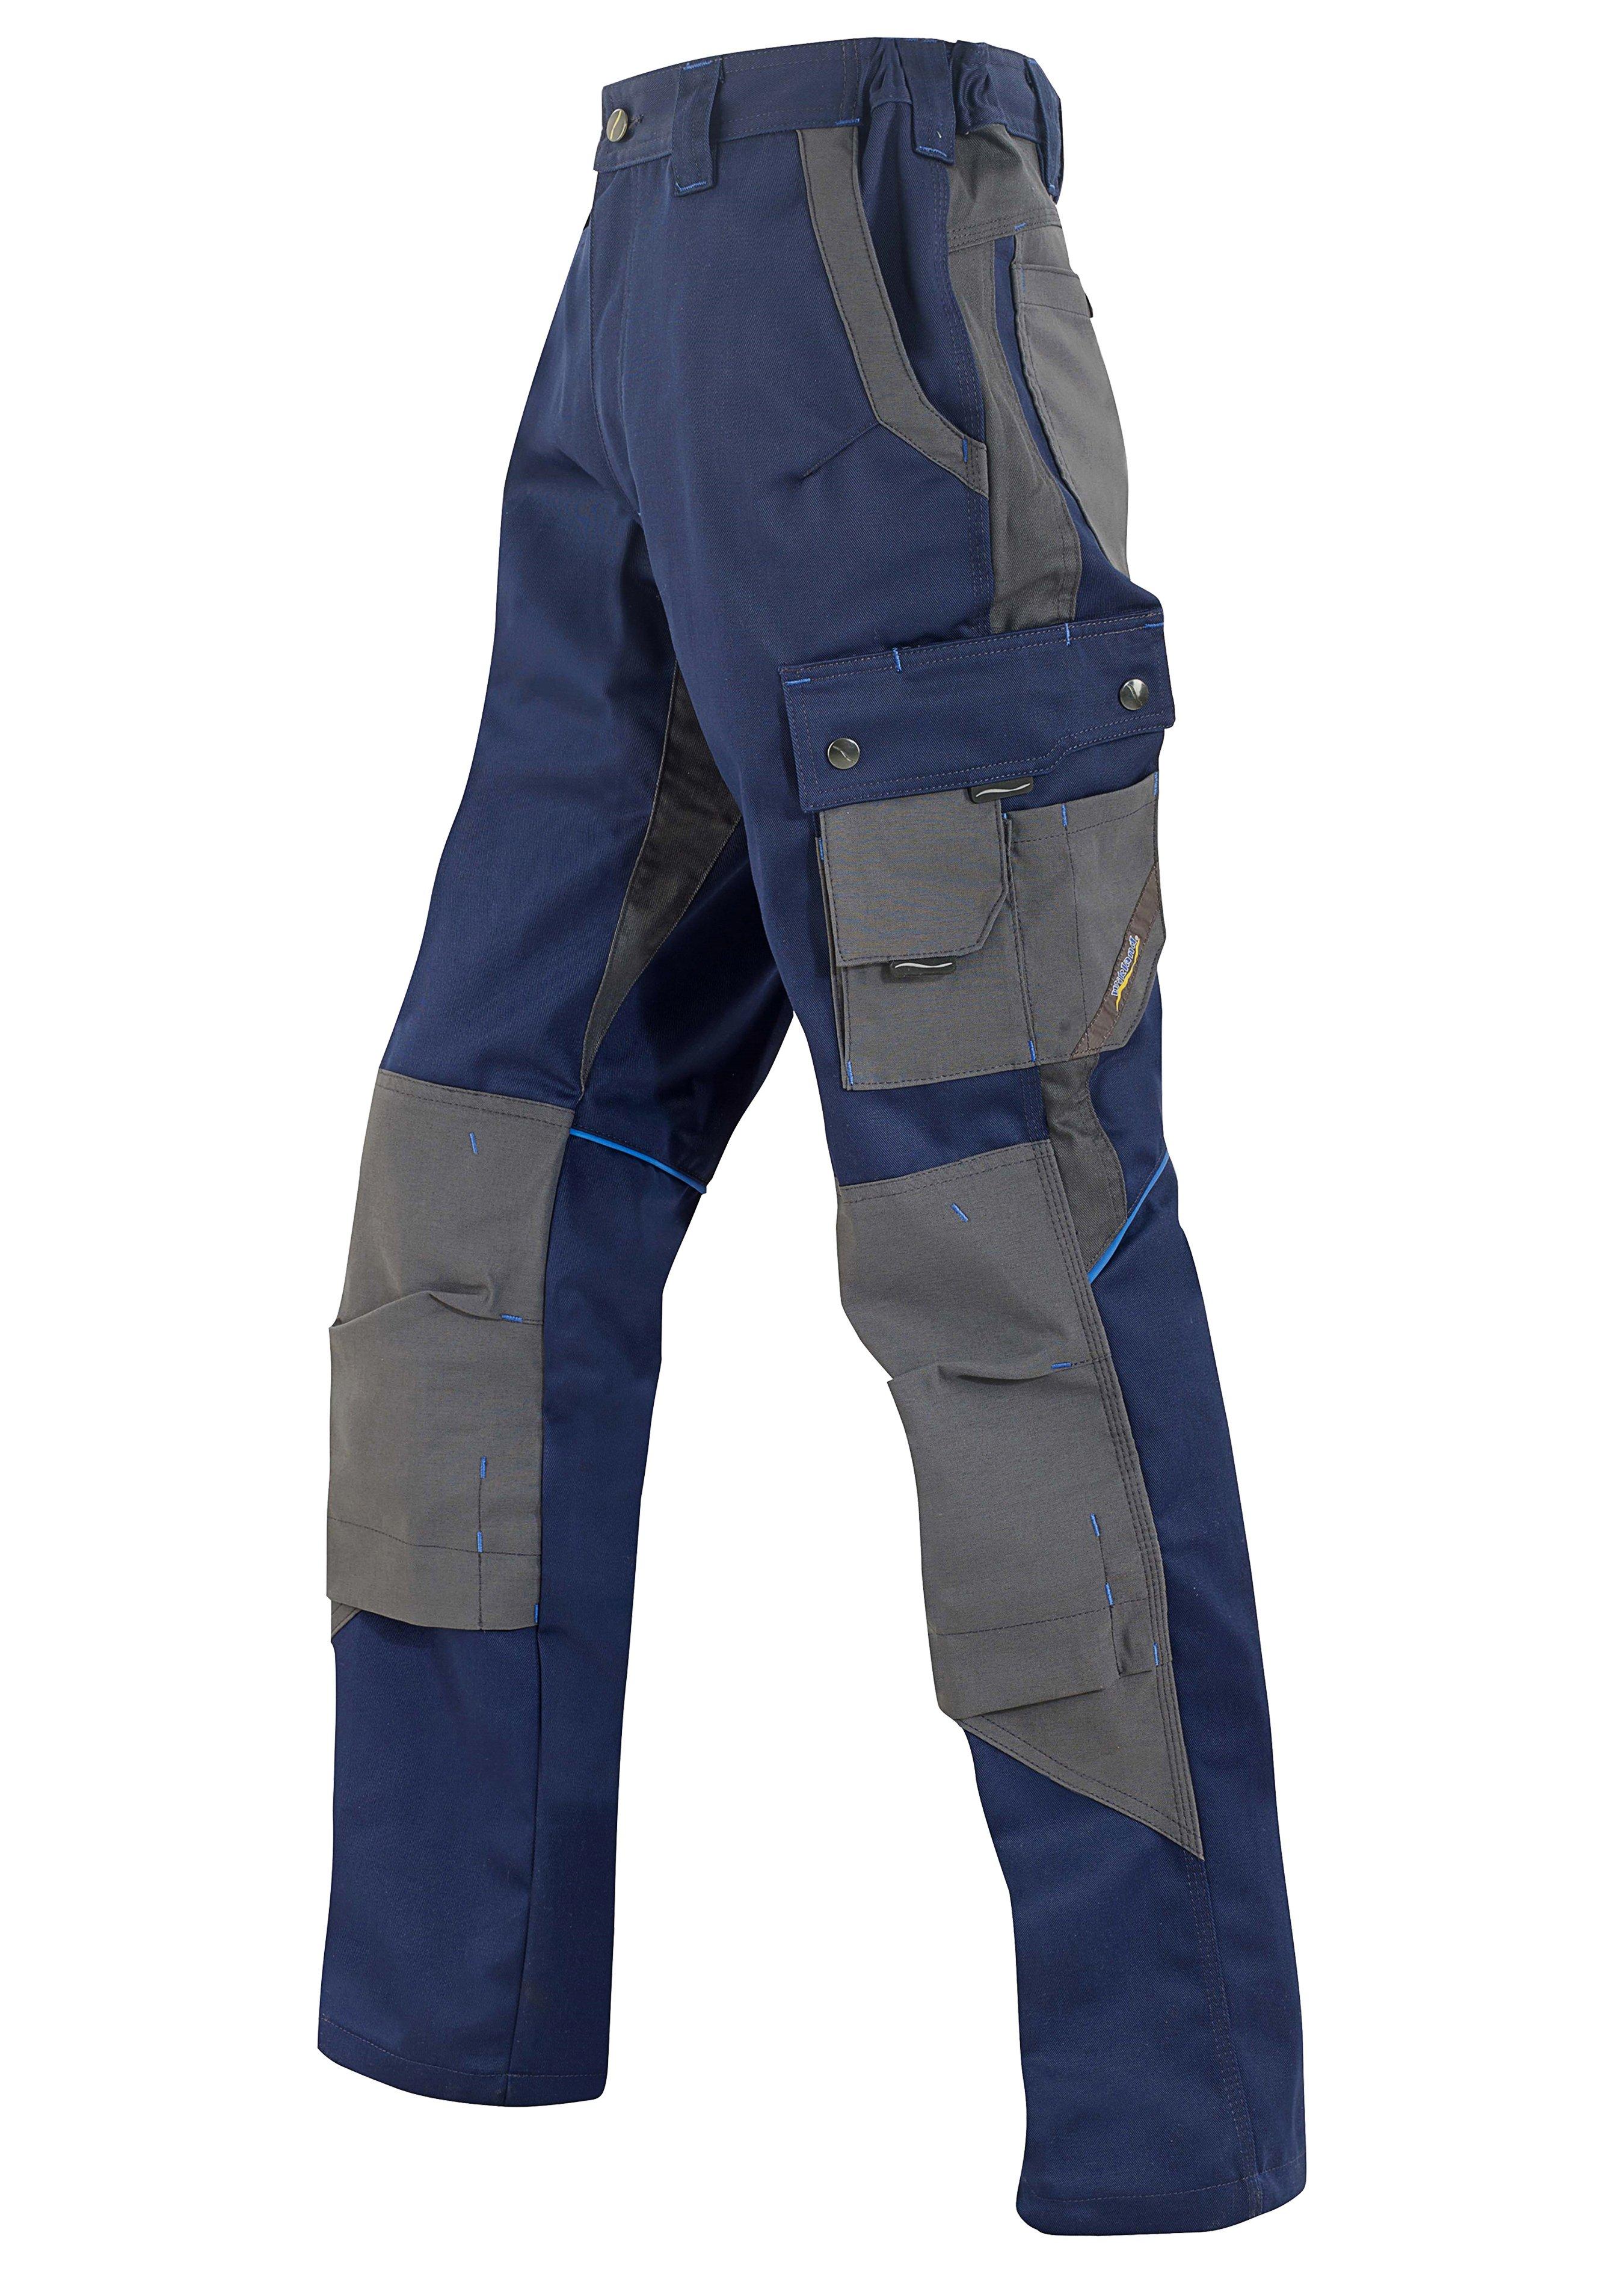 Wikland Handwerkerhose 1824 mit Kniepolstertasche 19723338 1